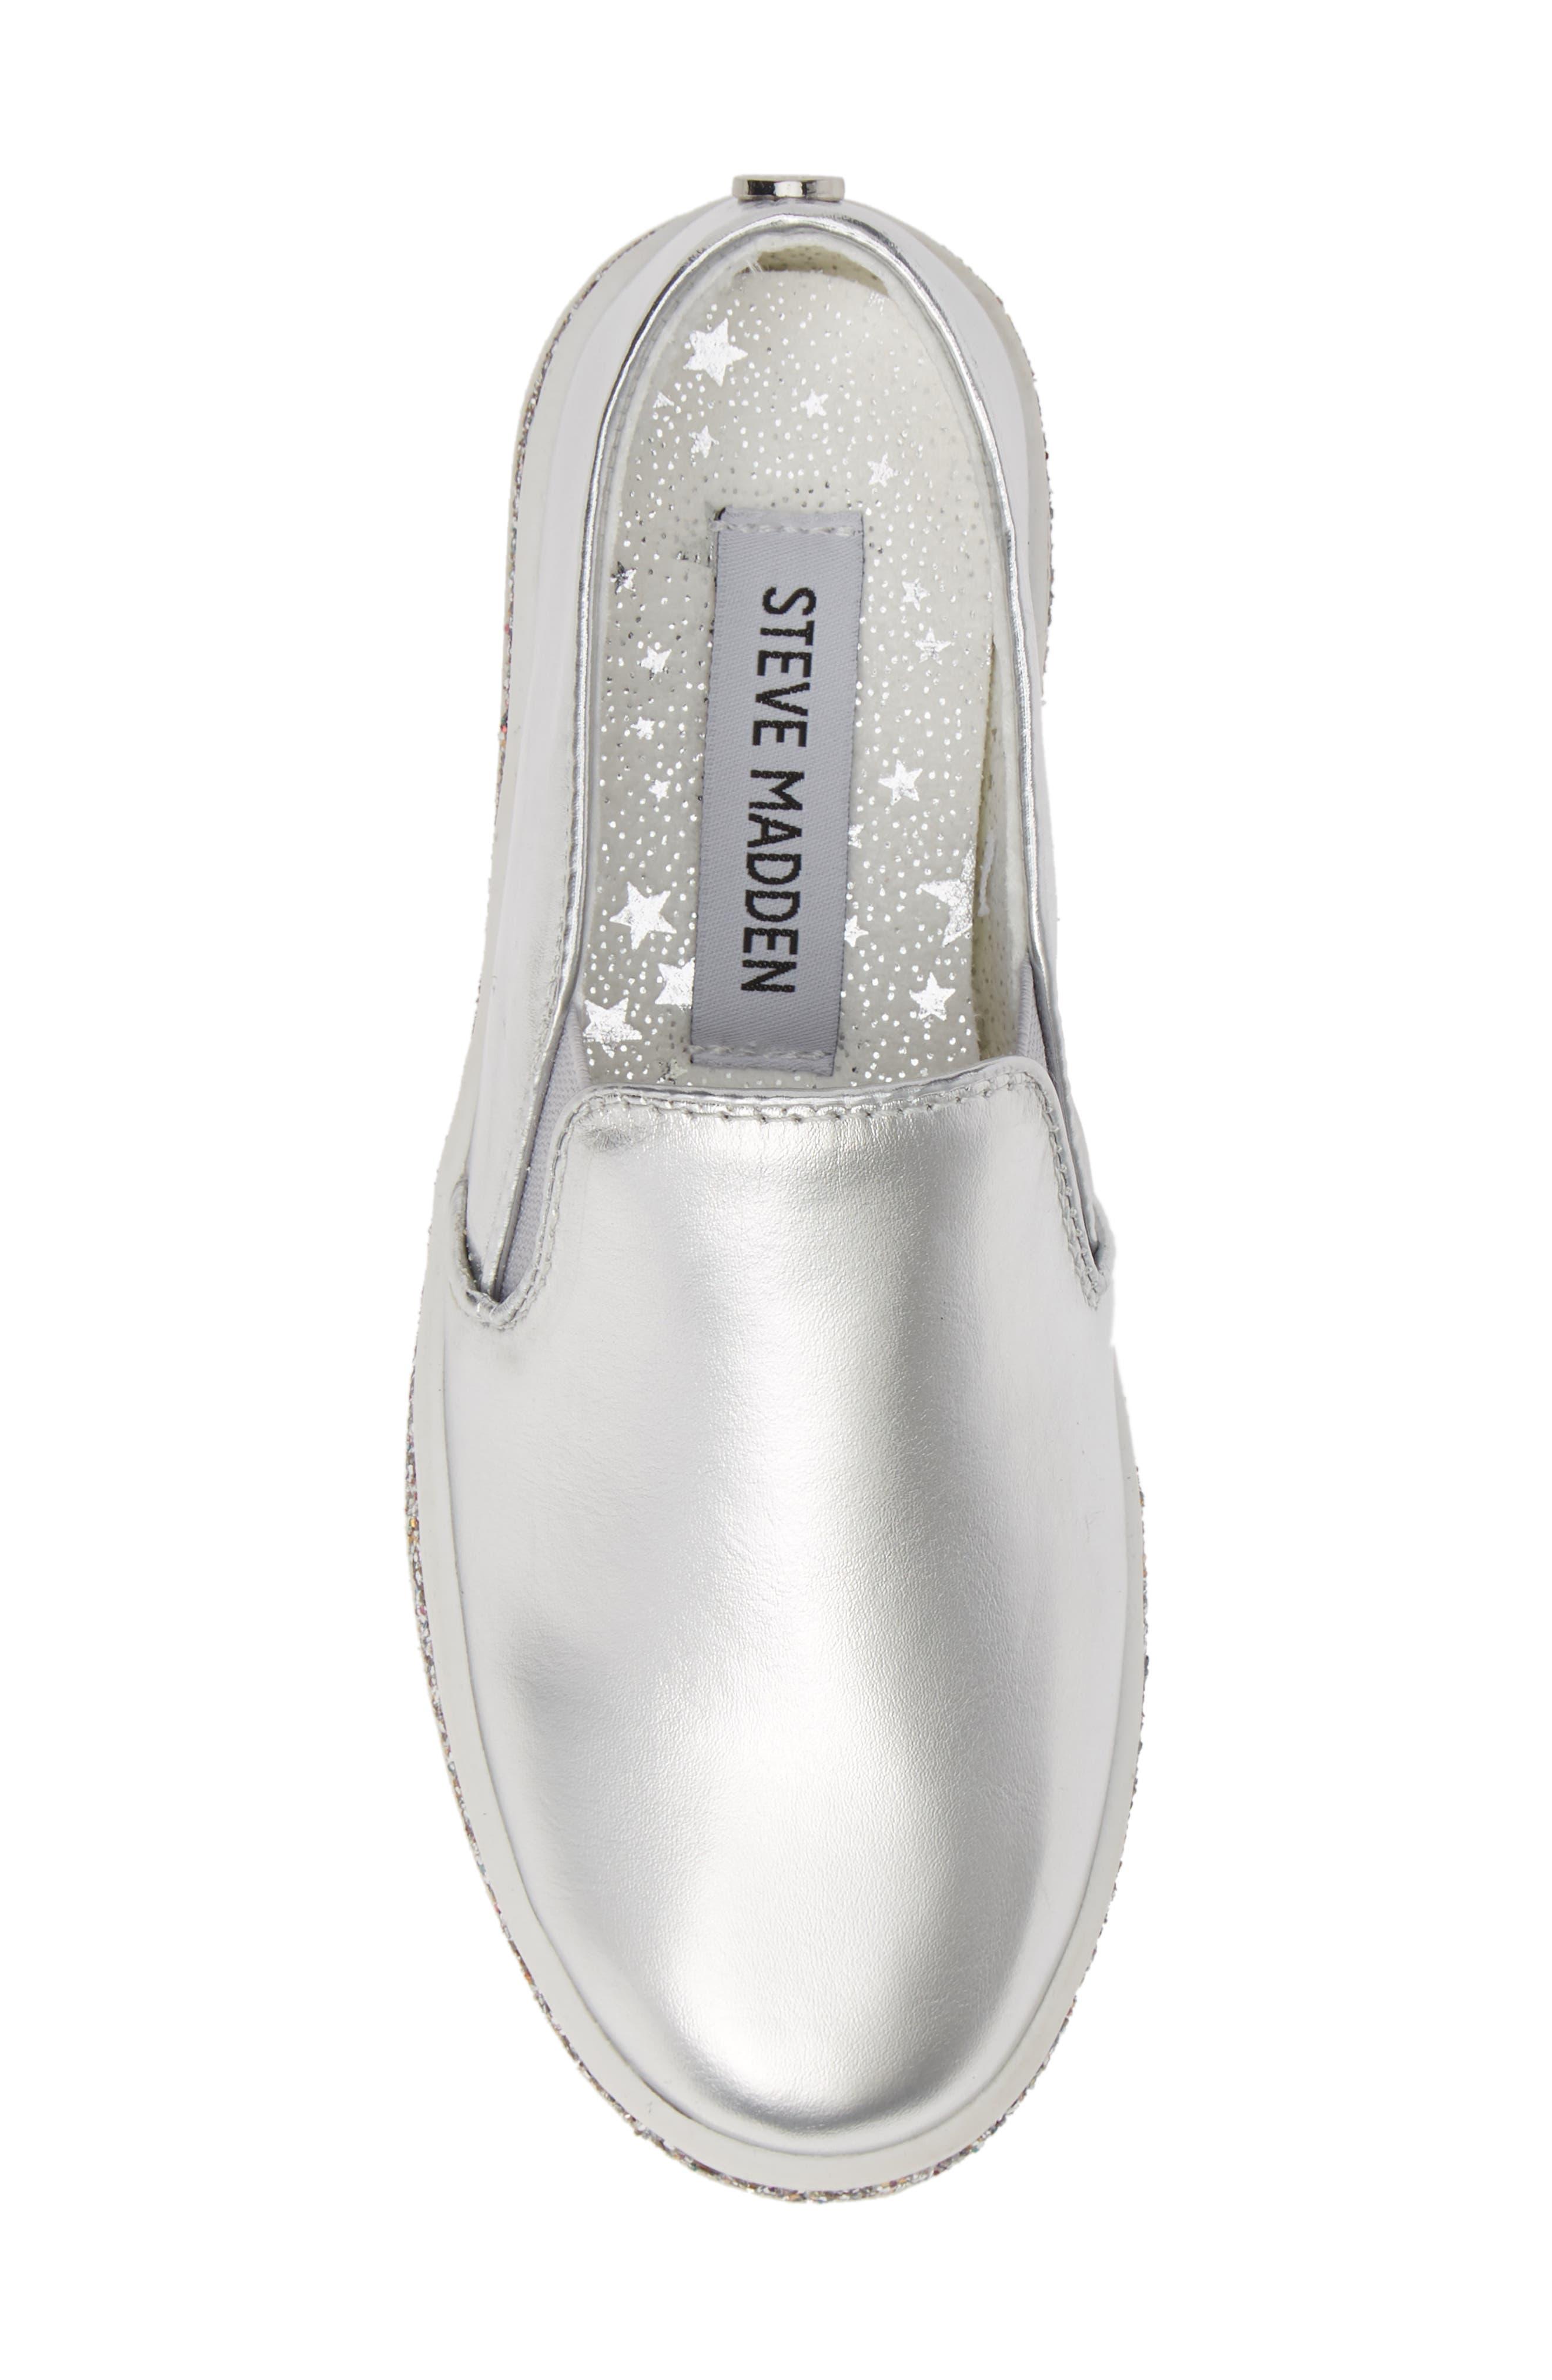 Jglorie Glitter Slip-On Sneaker,                             Alternate thumbnail 5, color,                             SILVER